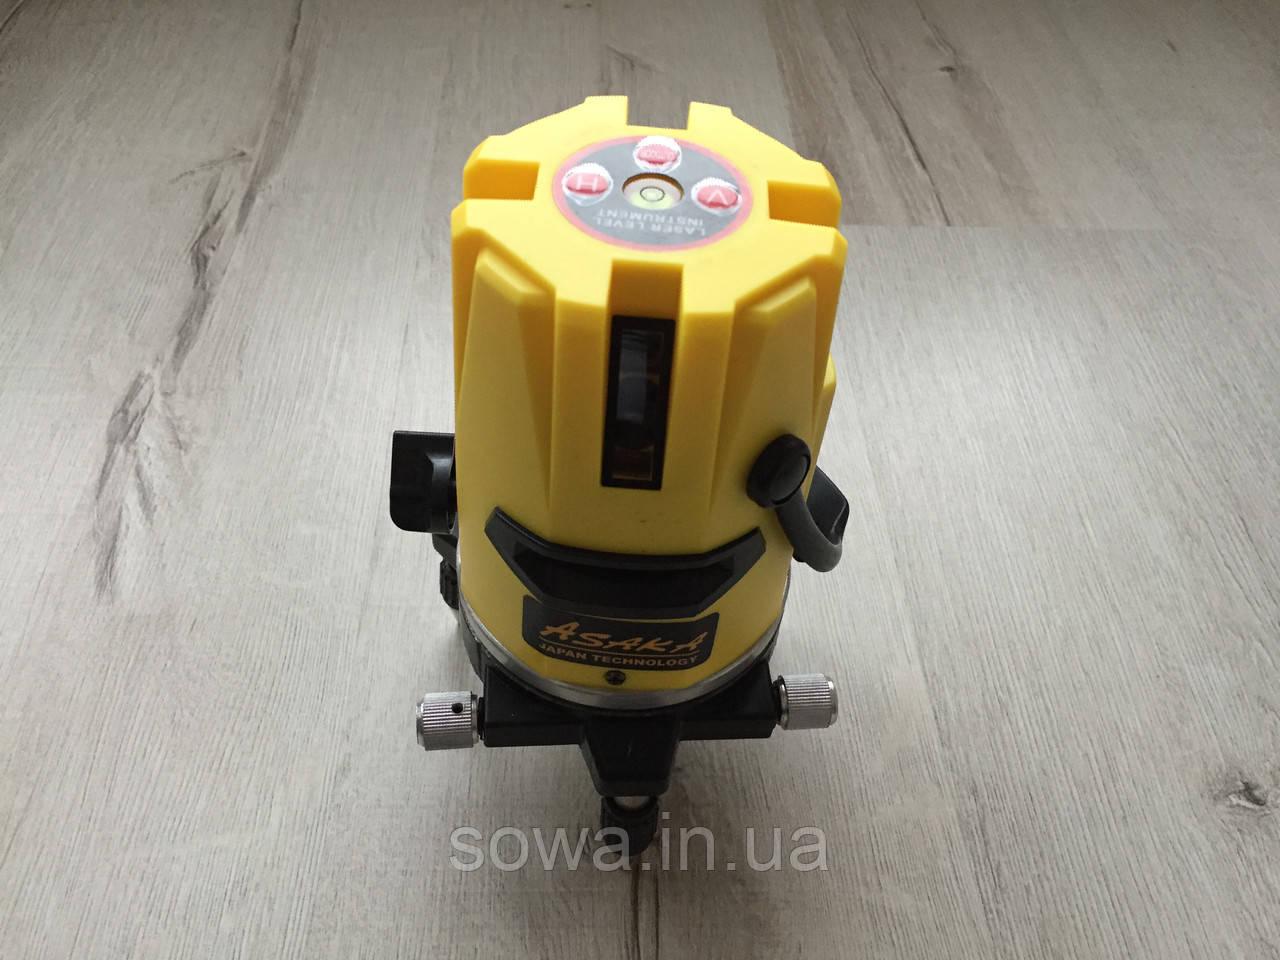 ✔️ Лазерний рівень нівелір Asaka ASNL01